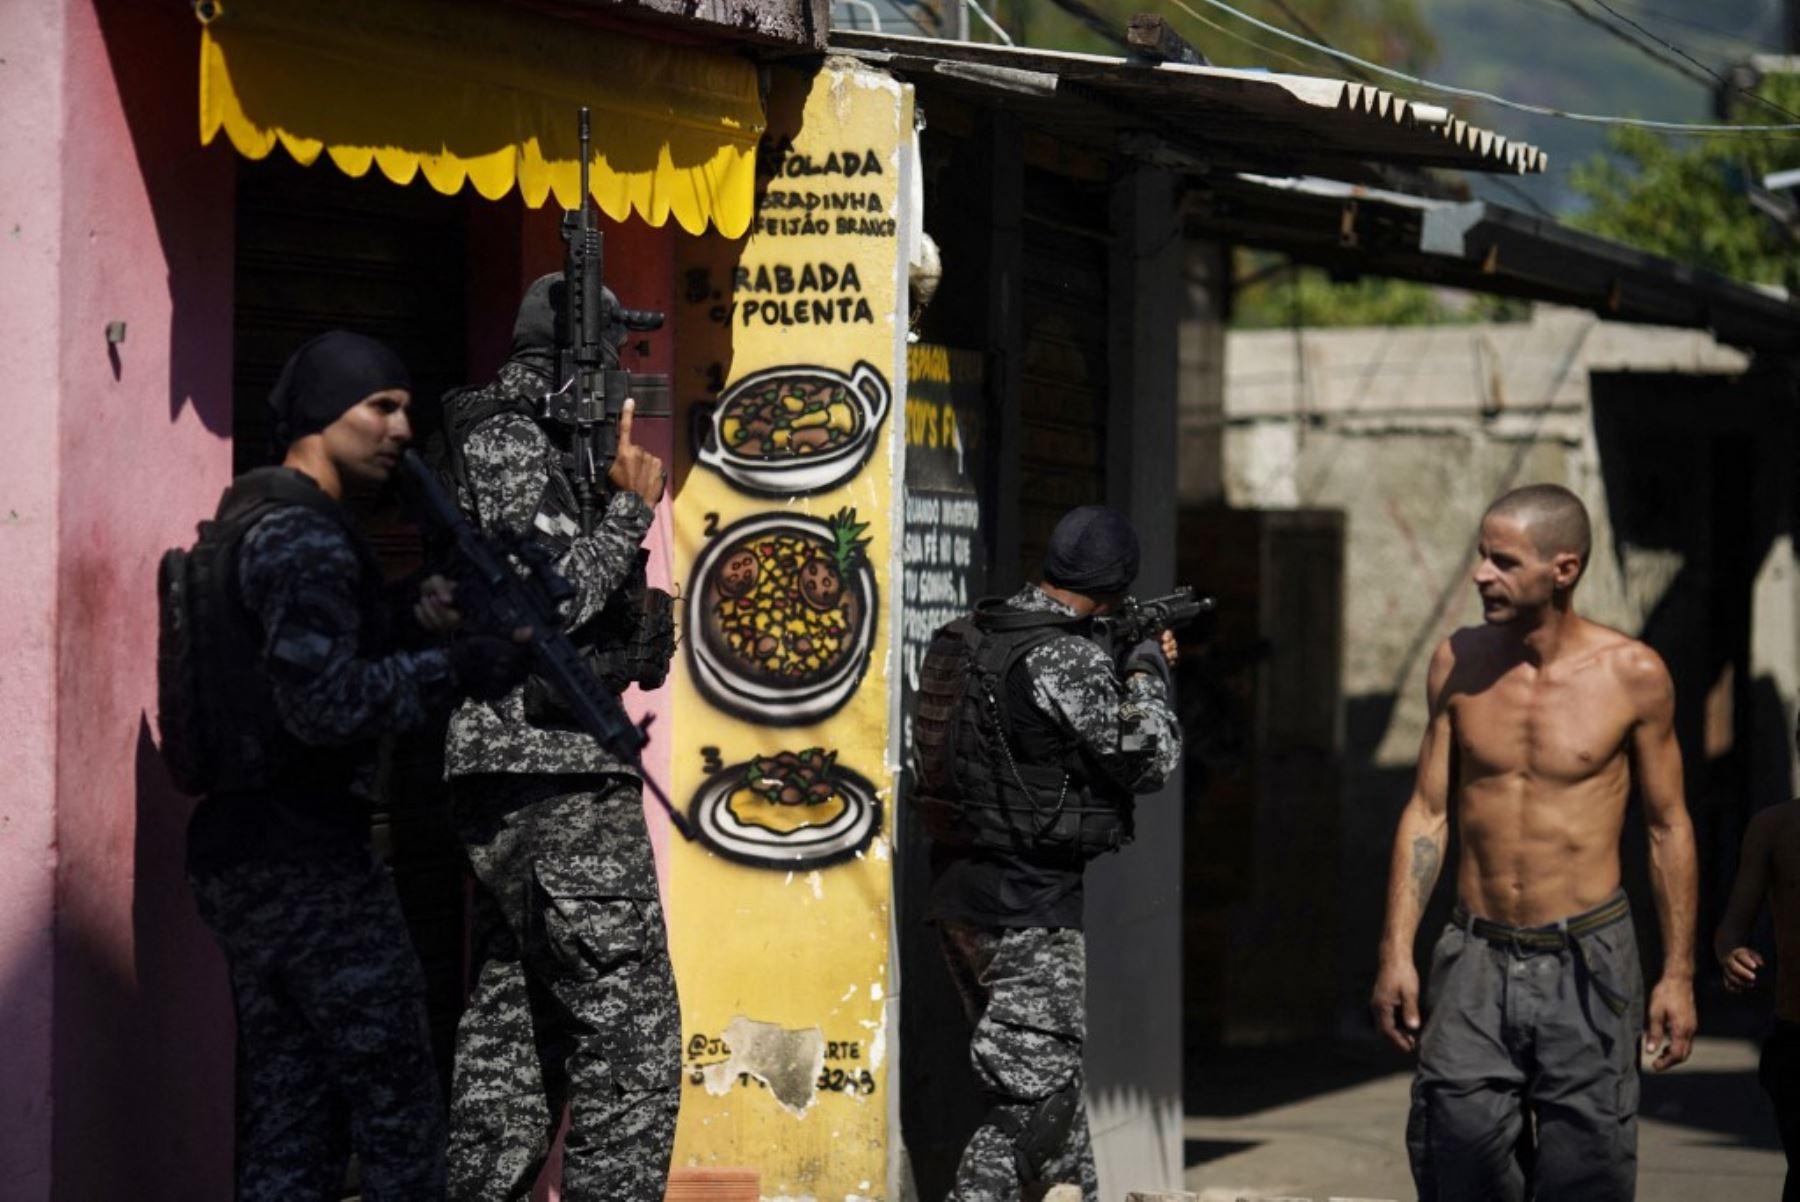 Un residente local observa a los agentes de la Policía Civil de Río que tomaron posición durante un operativo policial contra los narcotraficantes en la favela Jacarezinho en el estado de Río de Janeiro, Brasil, el 6 de mayo de 2021. Foto: AFP